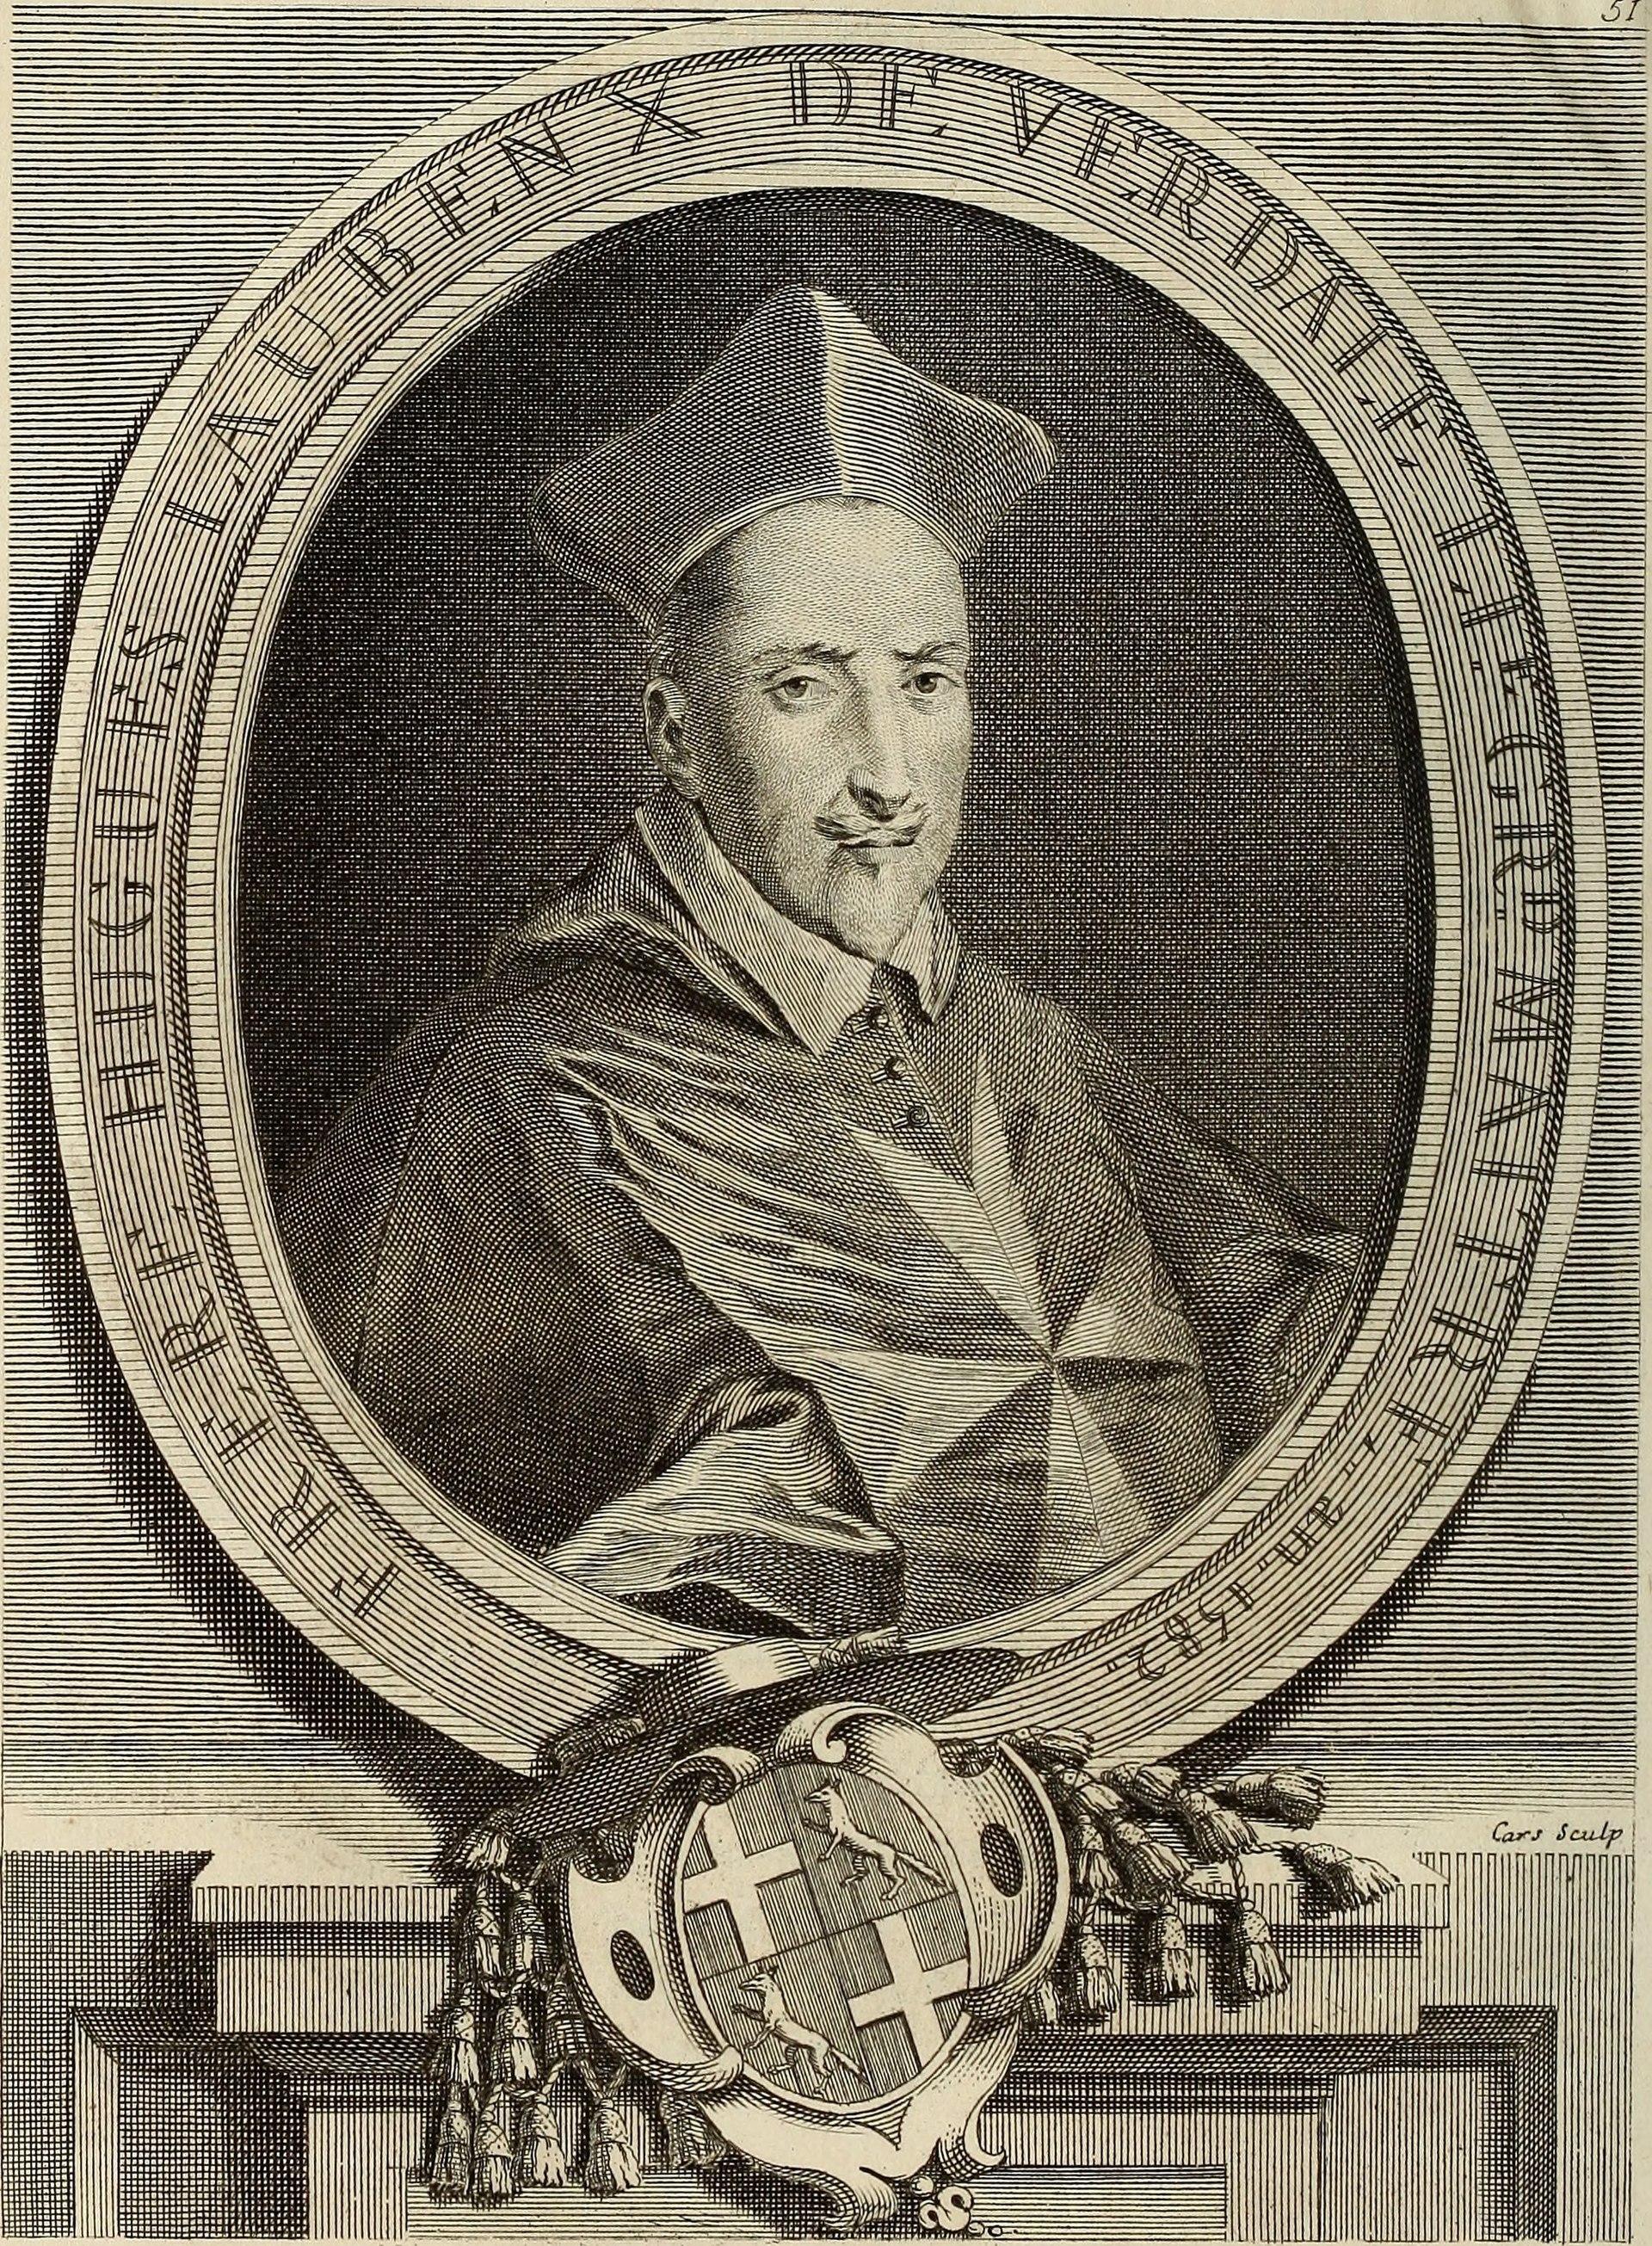 Hugues loubenx de verdalle wikipedia for Histoire des jardins wikipedia